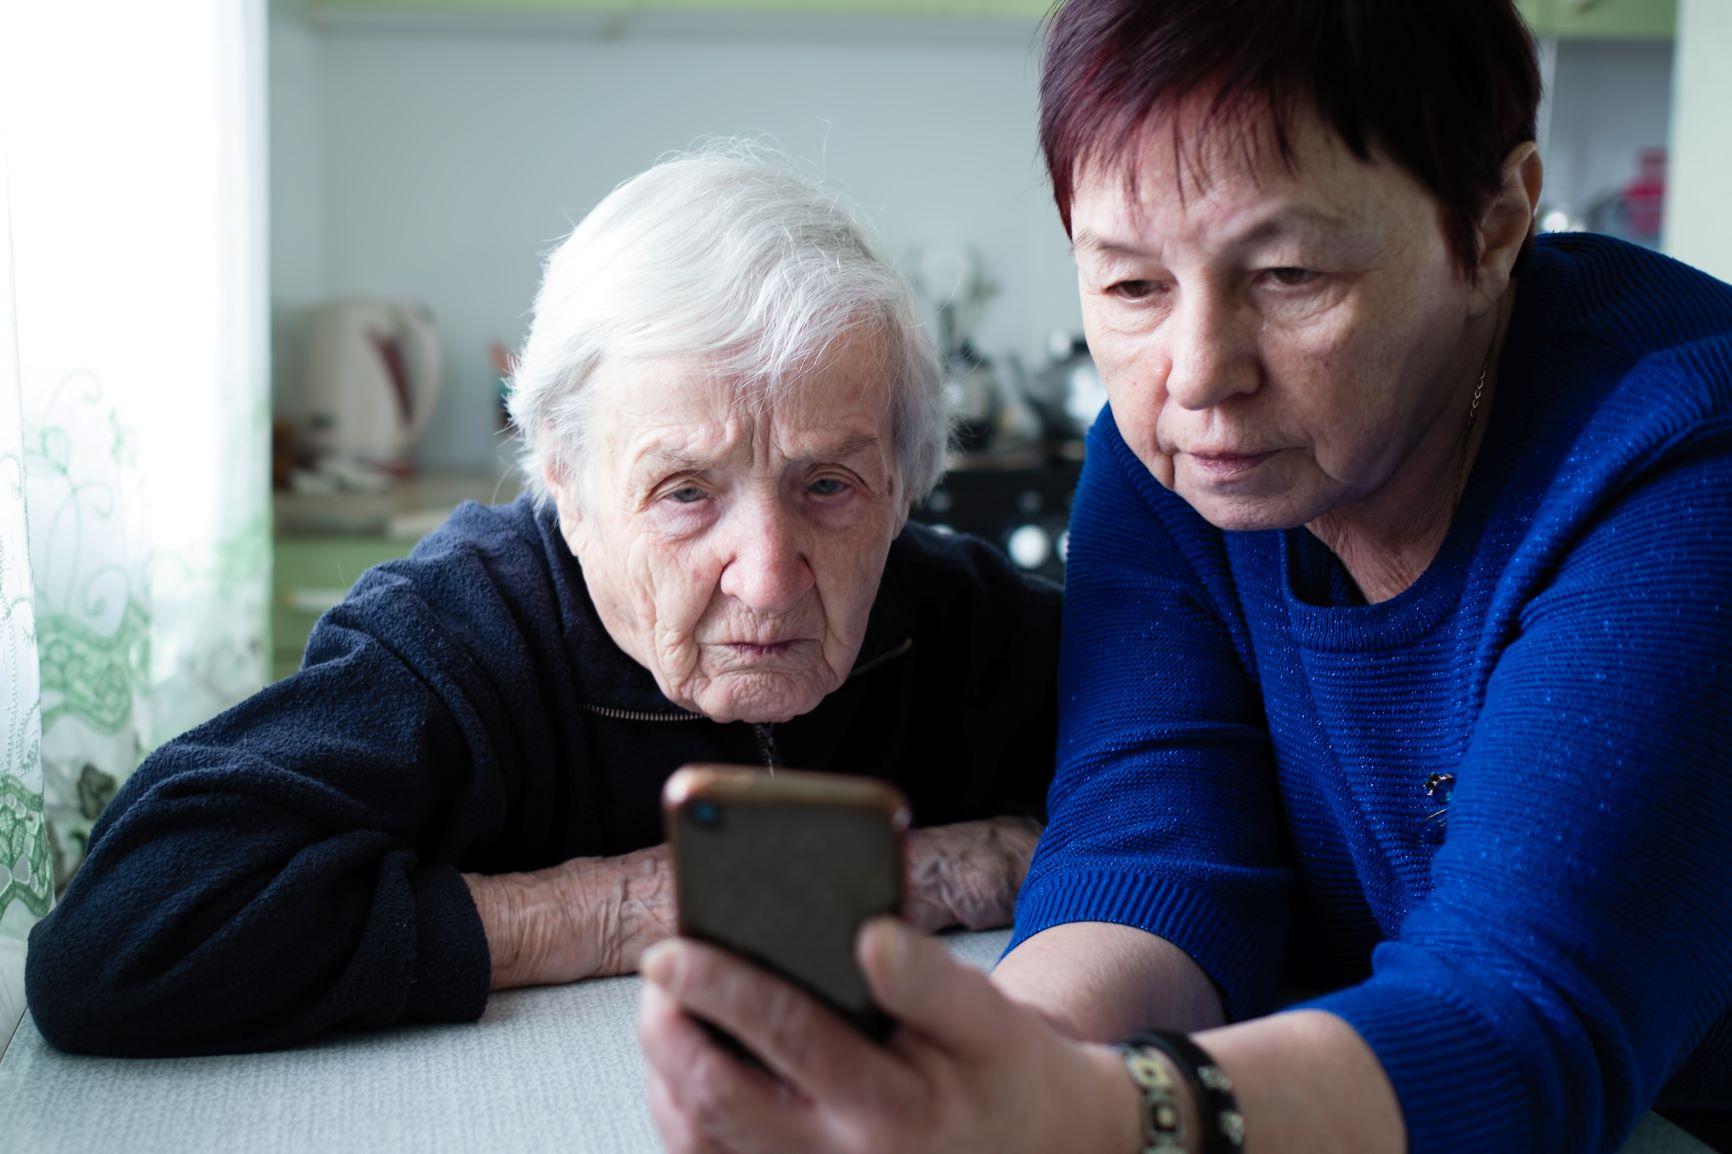 Unsere Kollegen der sozialen Betreuung unterstützen die Bewohnerinnen und Bewohner bei der Kontaktaufnahme über Skype. Rufen Sie die diensthabende Betreuungskraft im Zeitfenster von 14.00 - 14.30 Uhr unter Tel. 05766 - 82 - 156 an und vereinbaren Sie einen Skype-Termin. Skype-Termine sind täglich zwischen 15.00 - 17.00 Uhr möglich. Unsere Bewohnerinnen und Bewohner freuen sich auf Ihre Anrufe!